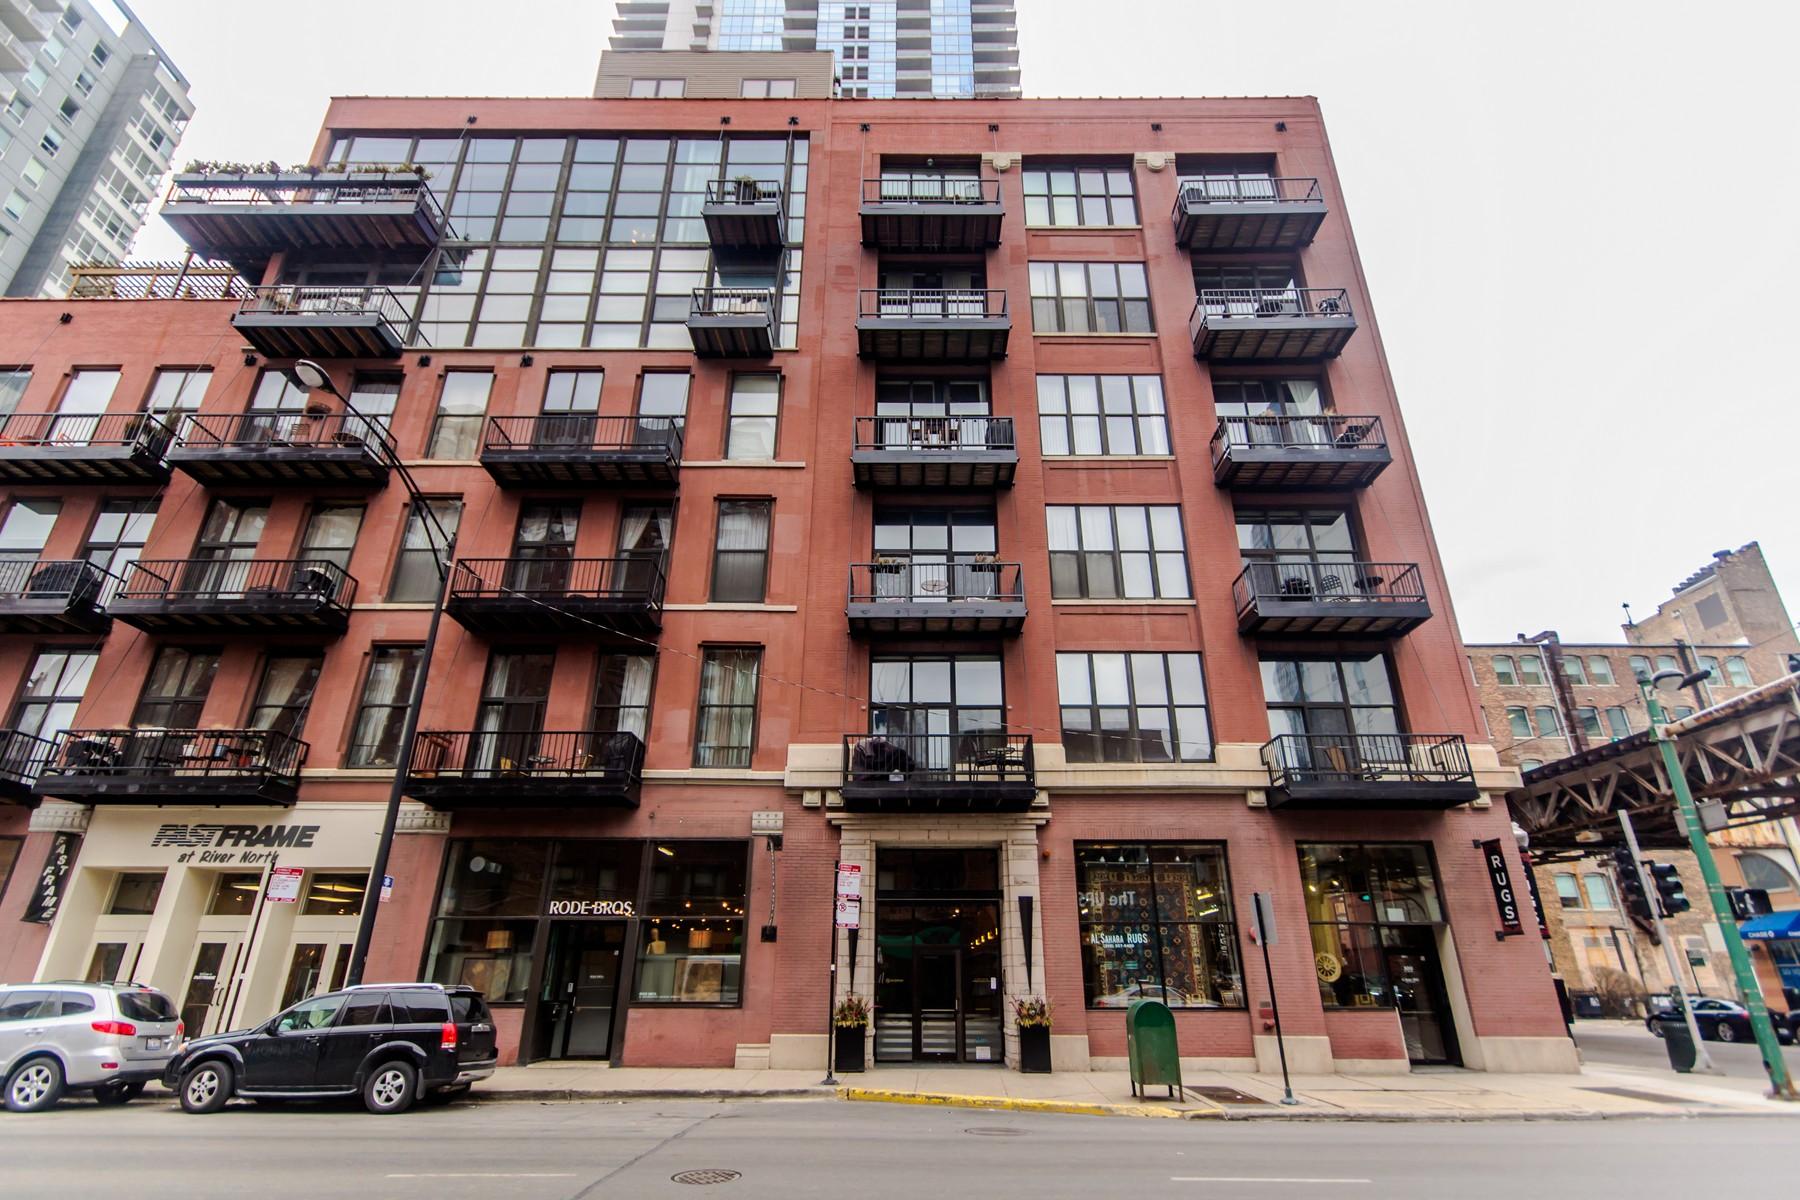 Condominium for Sale at Top Floor River North Loft! 300 W Grand Avenue Unit 603 Near North Side, Chicago, Illinois, 60654 United States